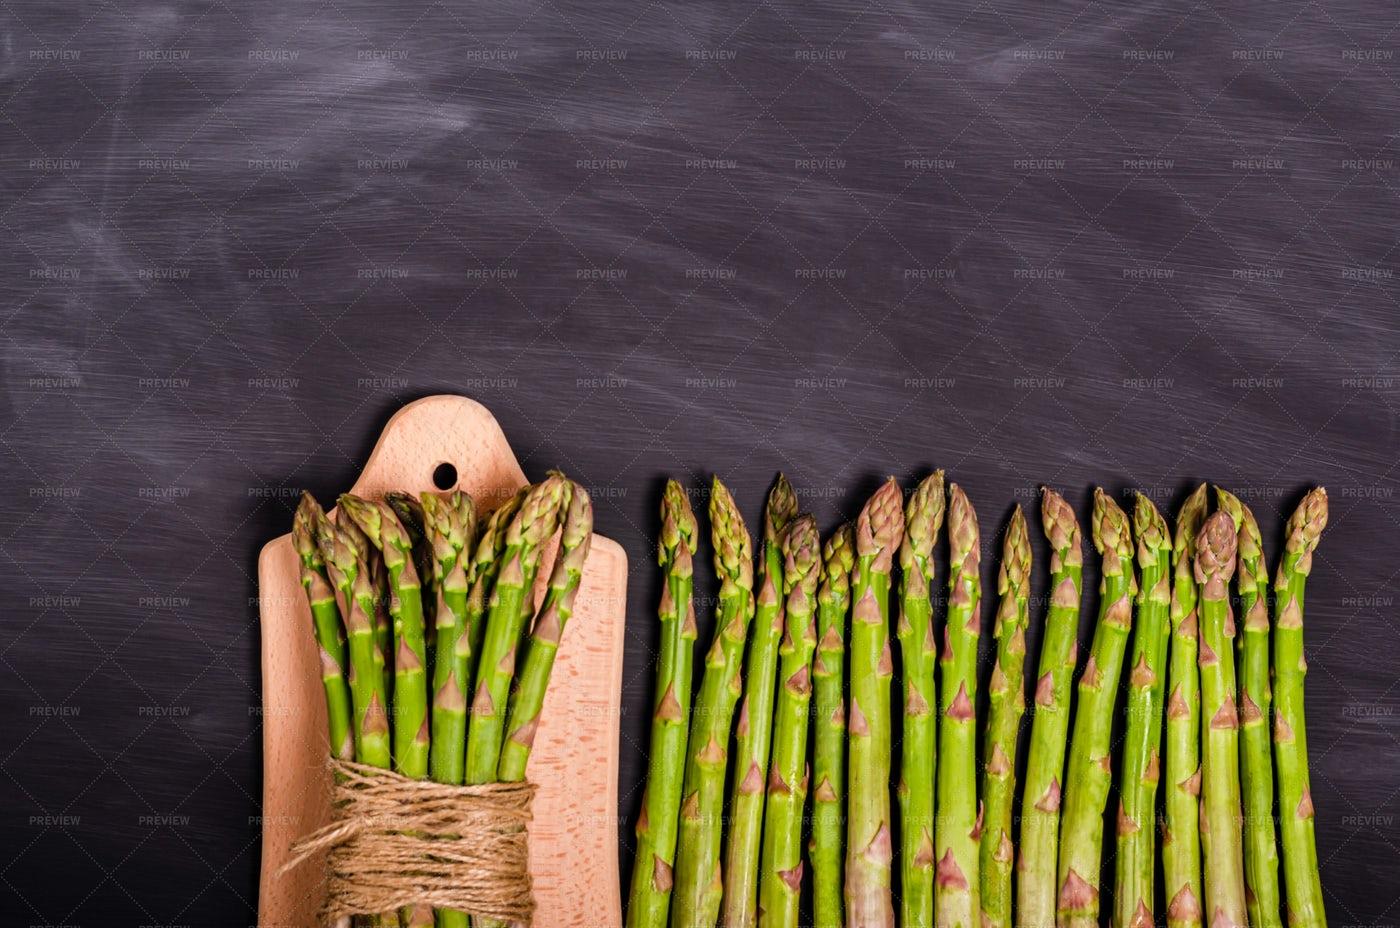 Asparagus On A Board: Stock Photos